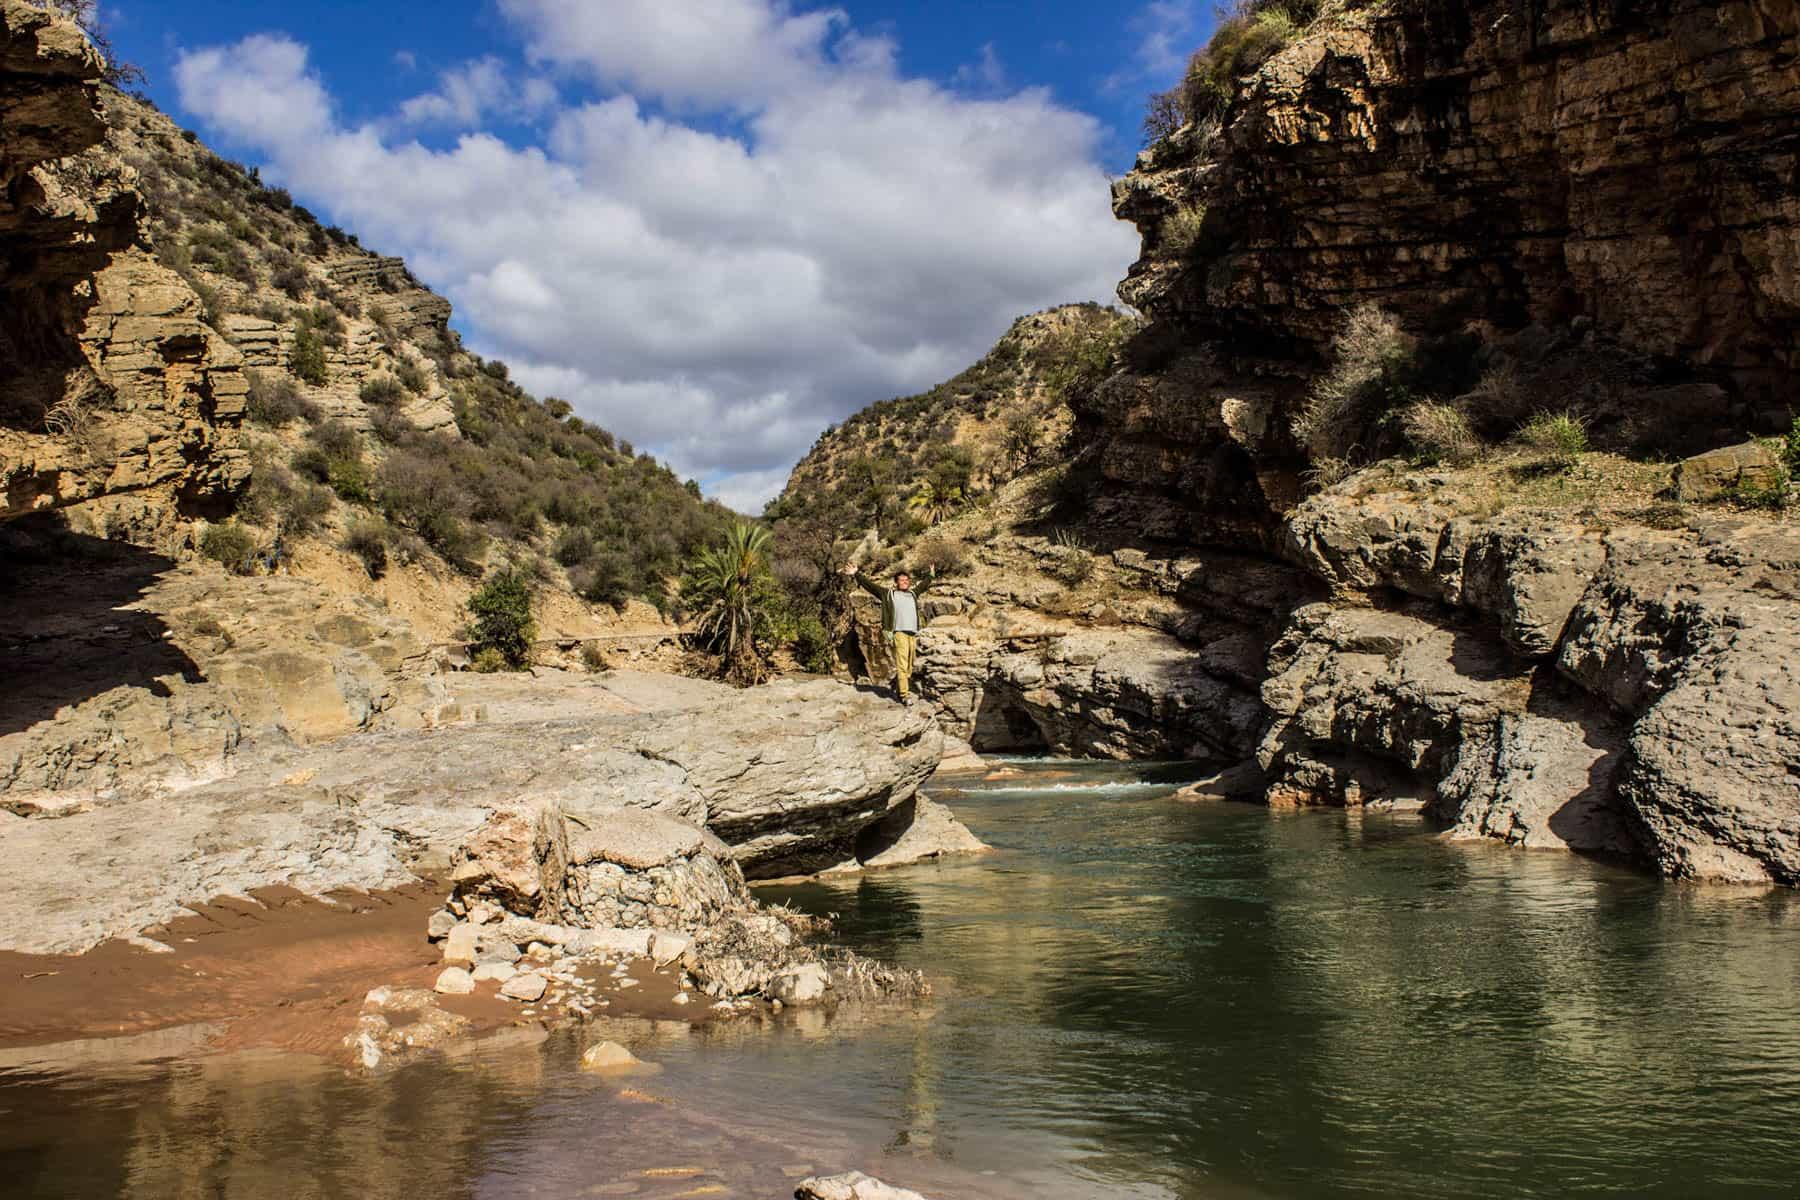 activités Blue Waves Paradise Valley Rocks